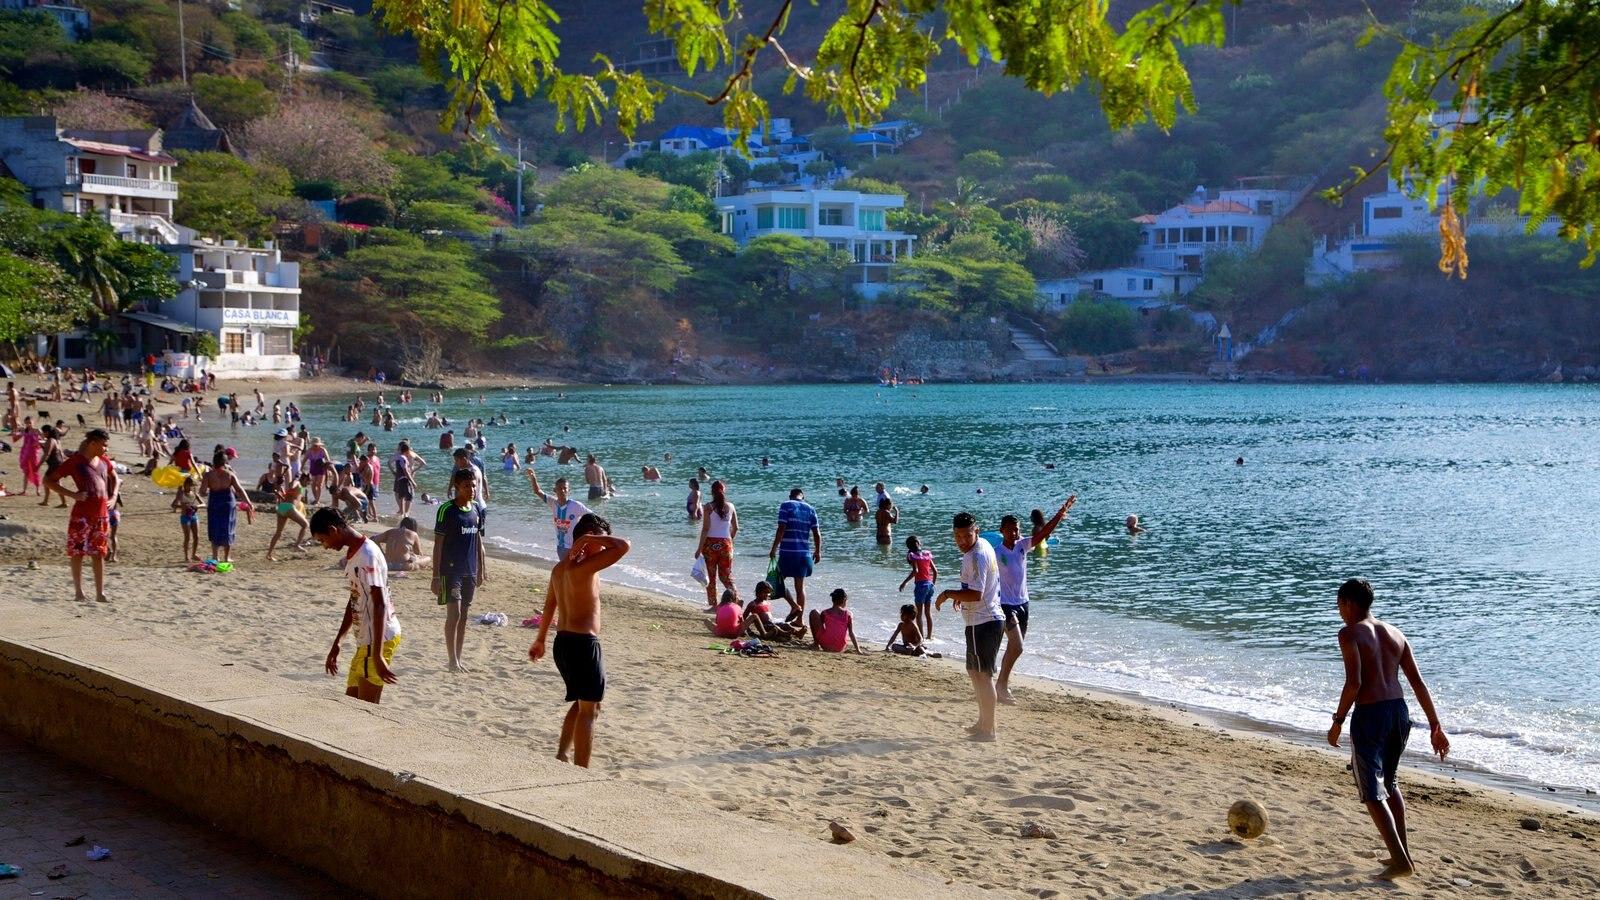 Praia Taganga caracterizando natação, uma praia e uma cidade litorânea